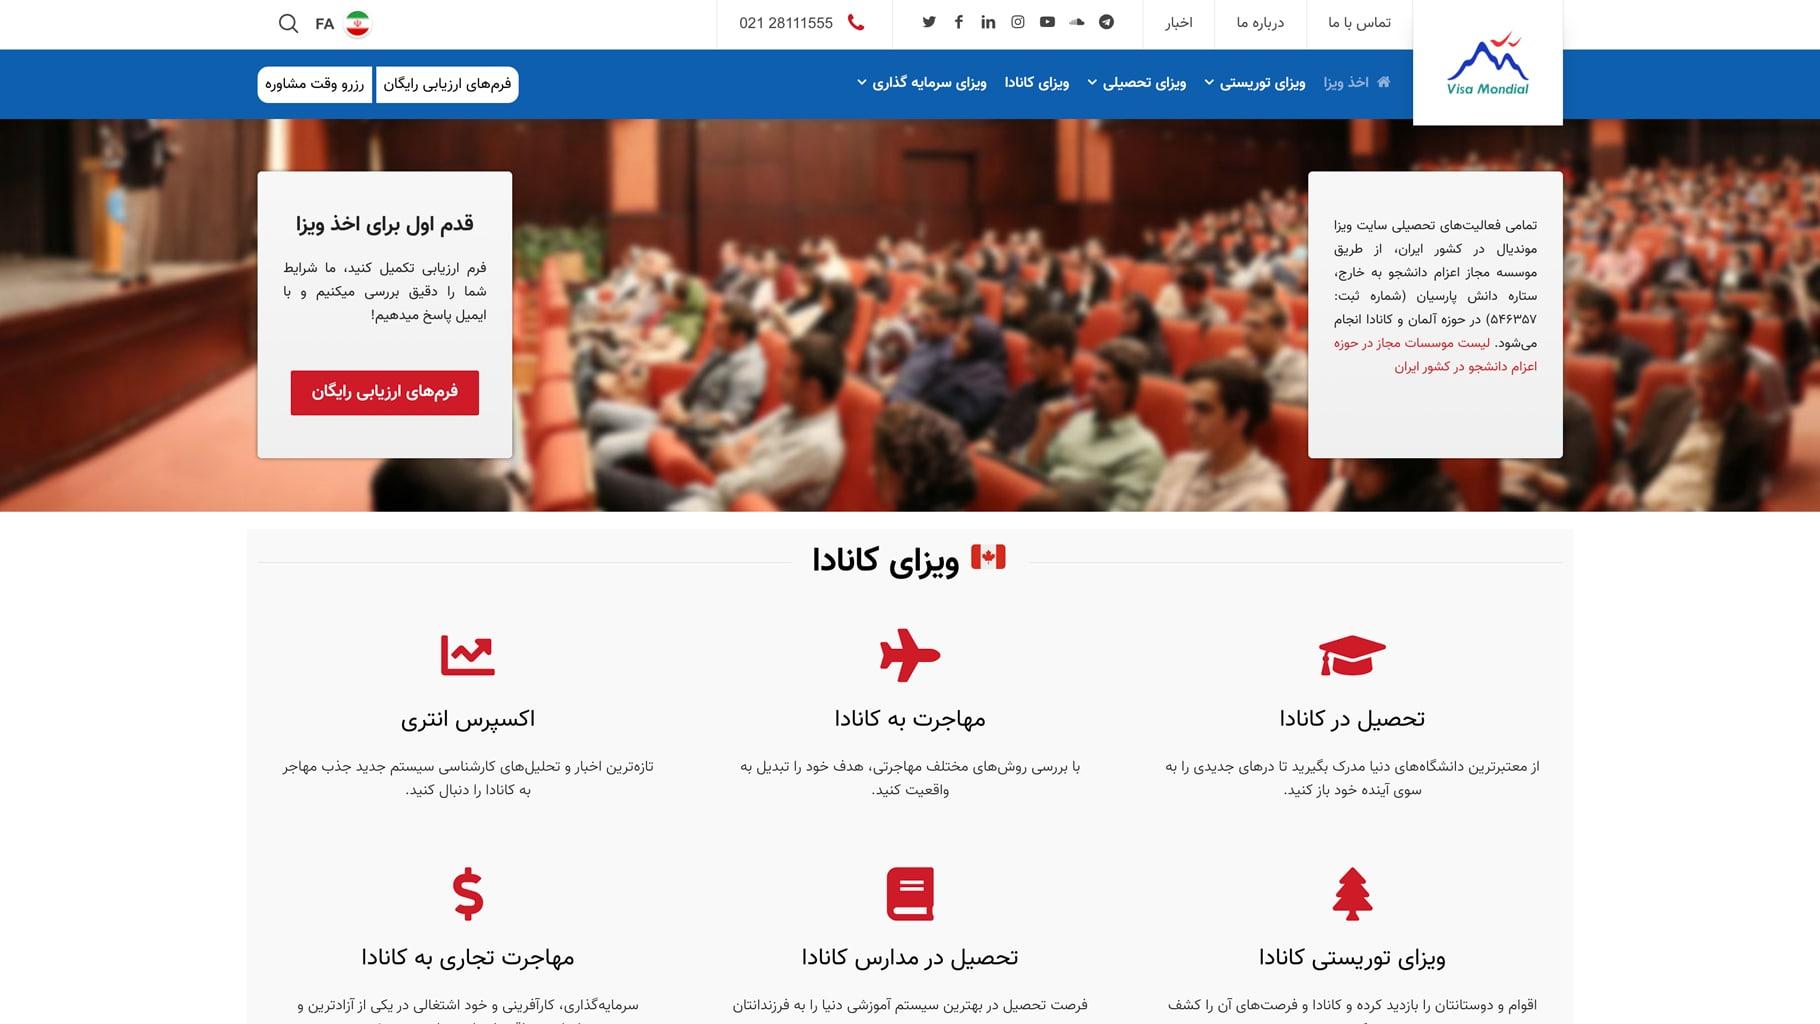 سایت ویزا موندیال